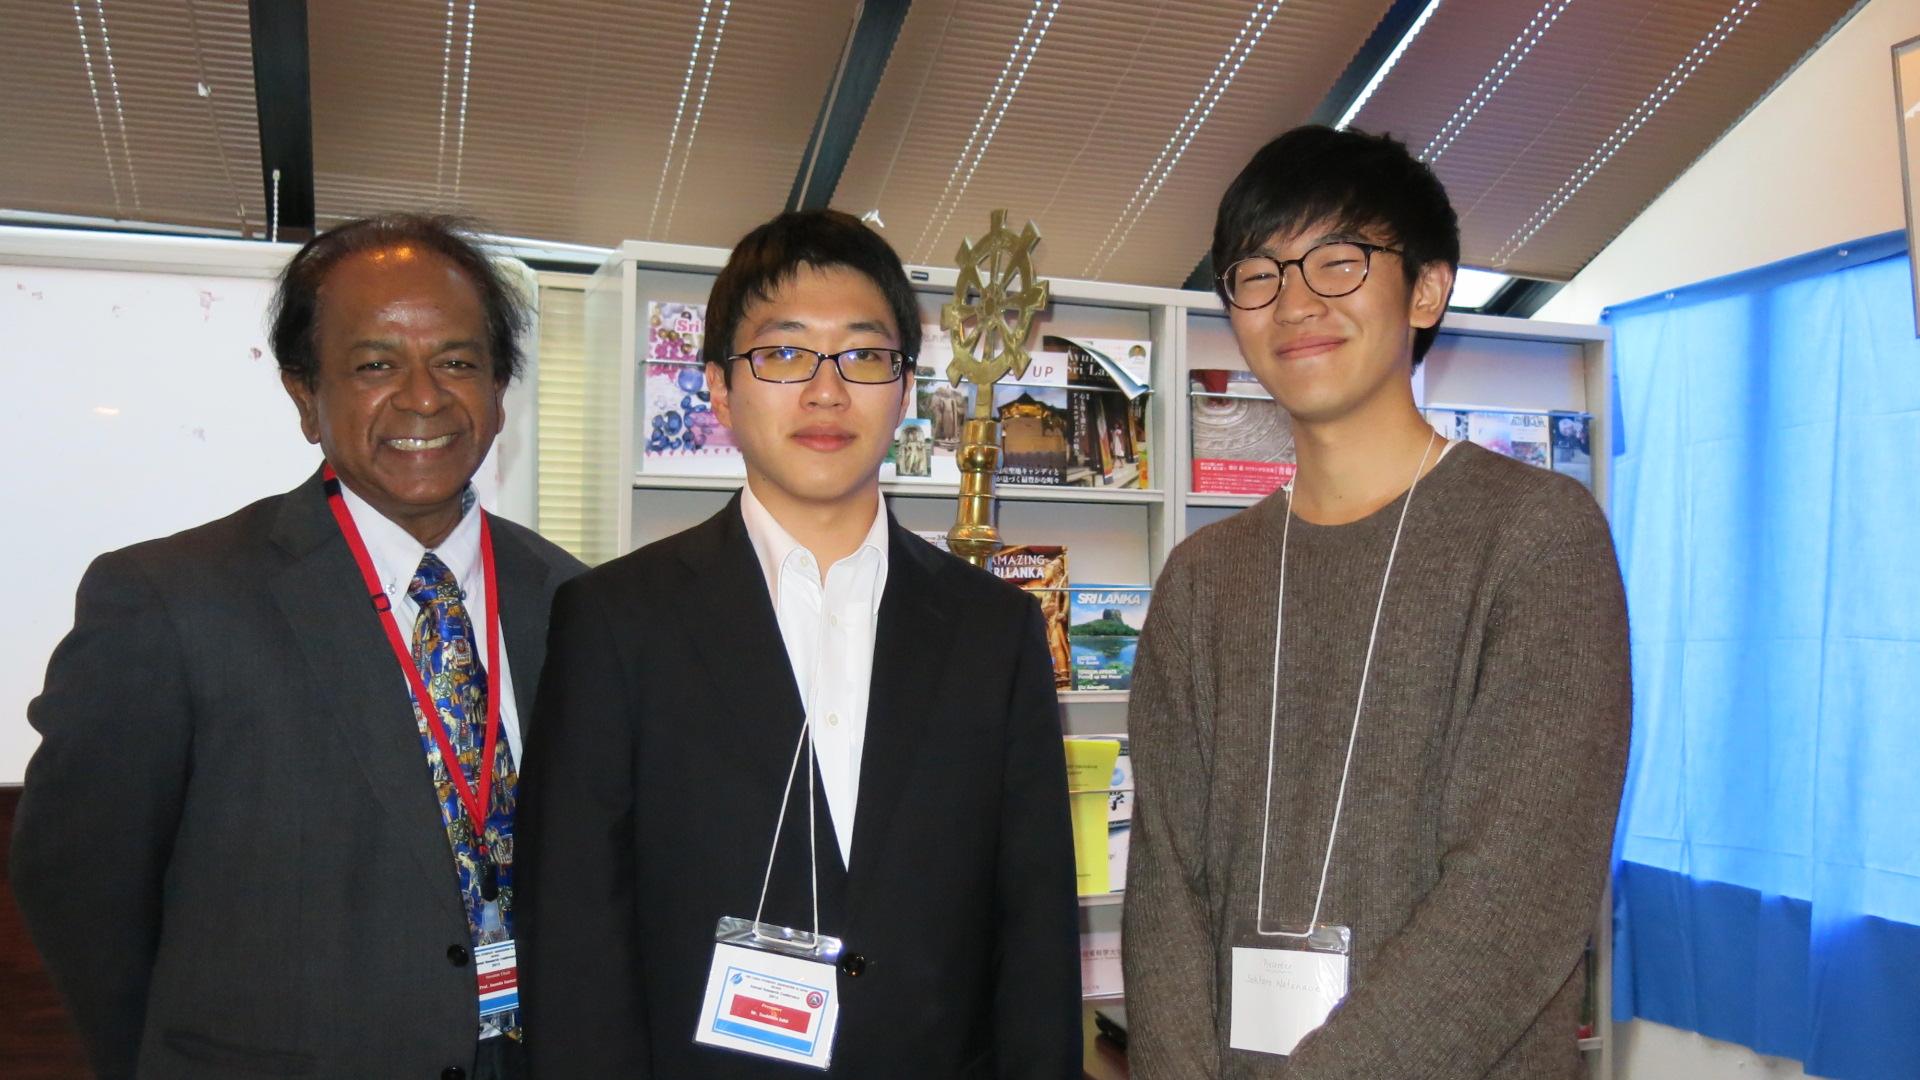 在日スリランカ人留学生協会で、スリランカ超短期派遣プログラム参加メンバーが発表しました